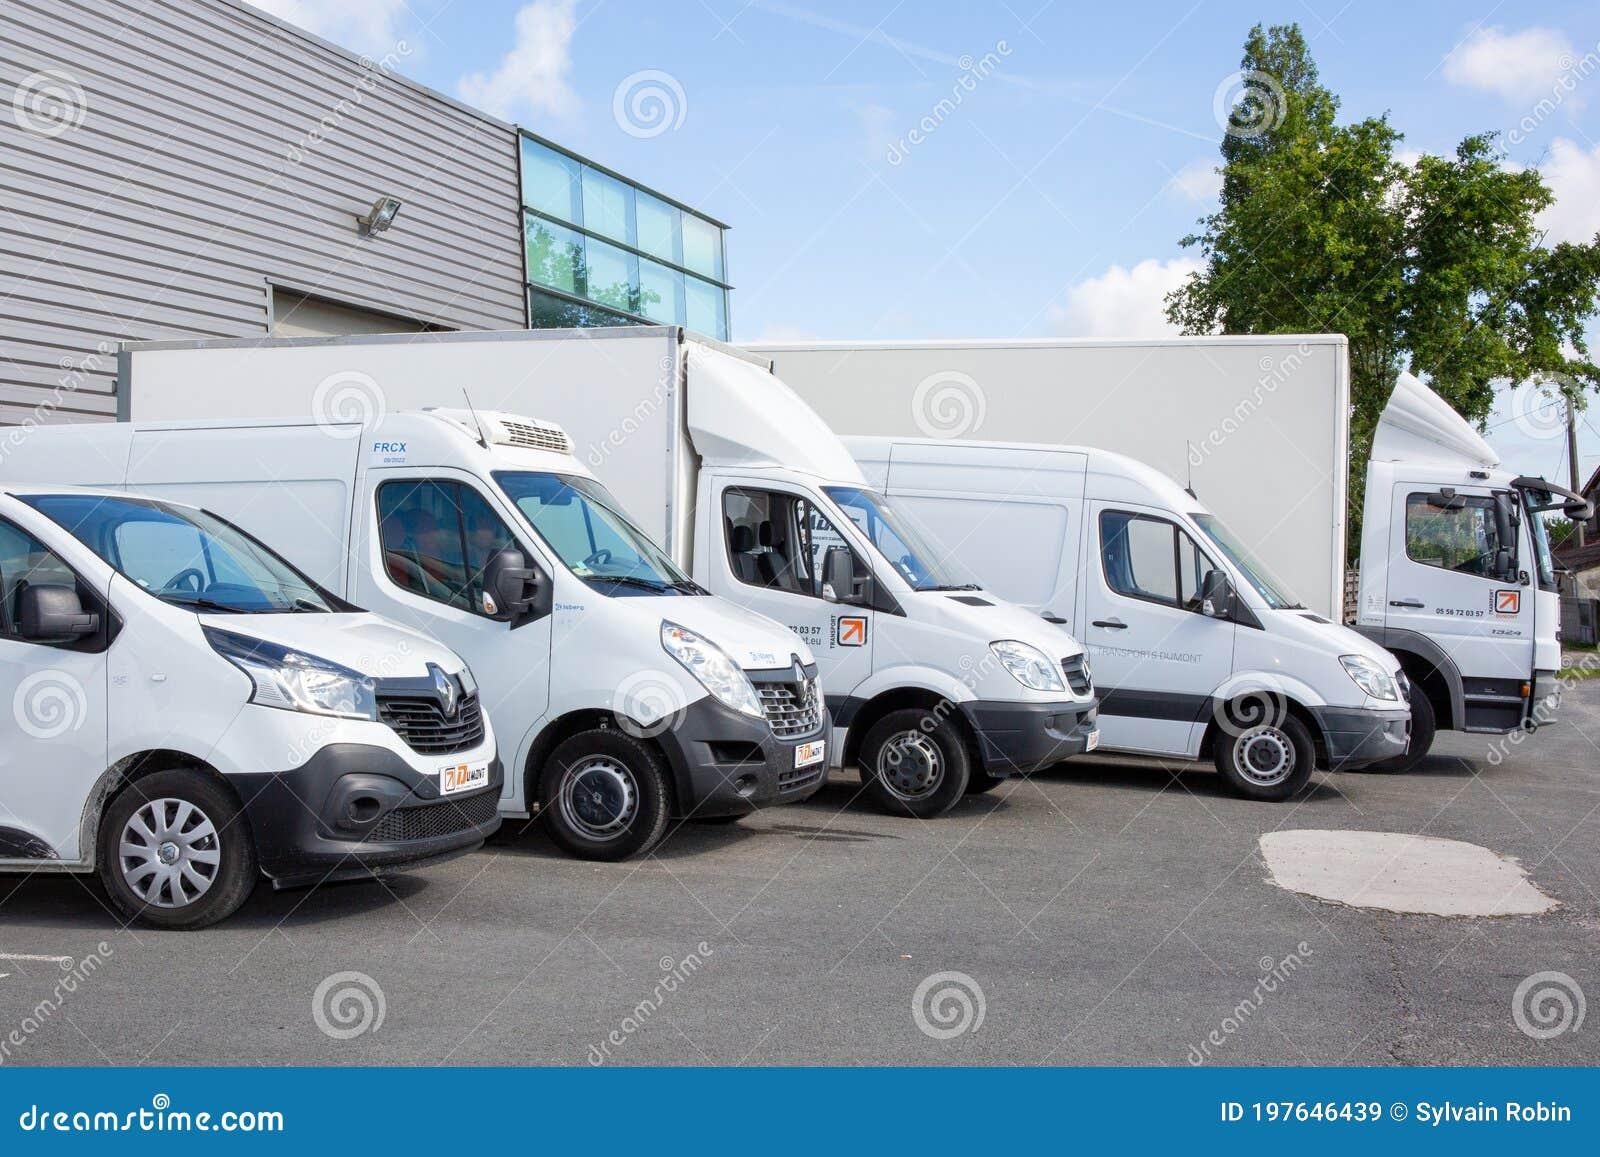 Transport Dumont Several Cars Vans Trucks Parked In Parking Lot ...